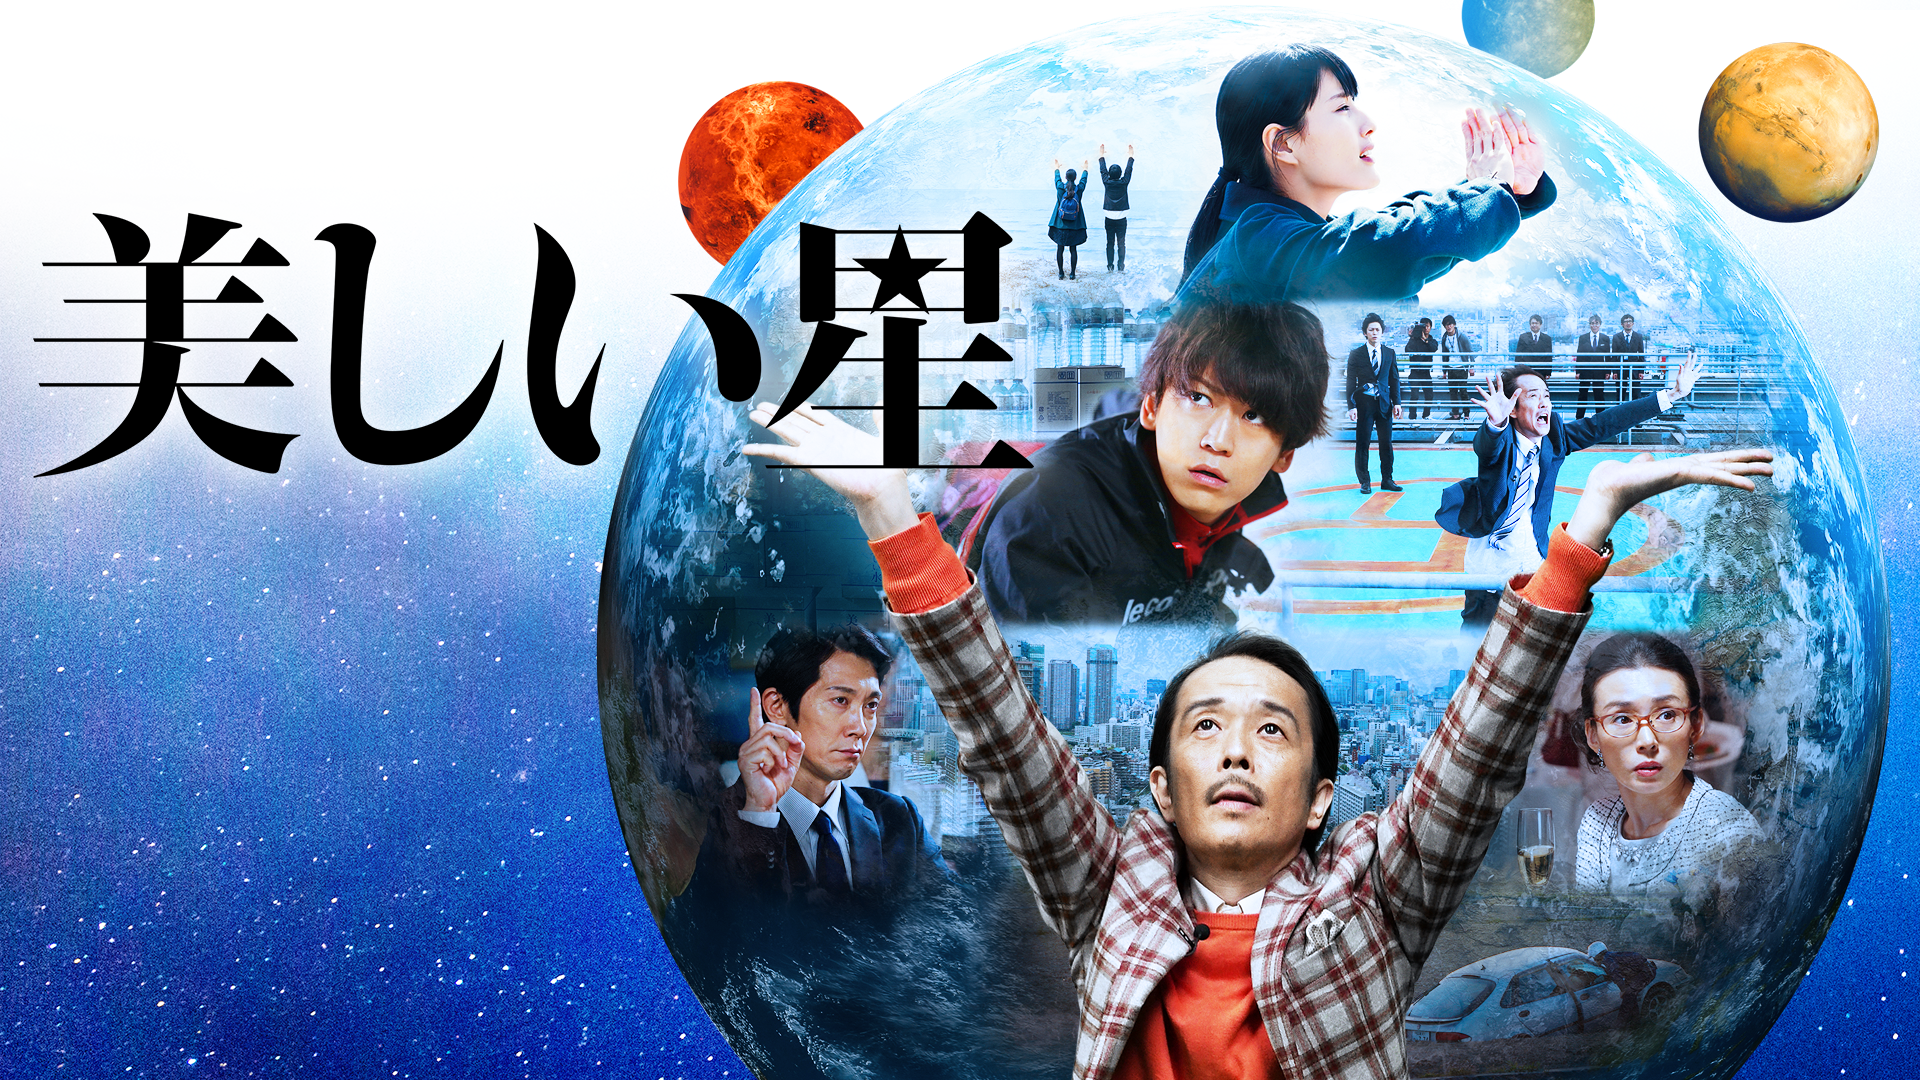 美しい星(映画)無料動画フル視聴!脱Pandora/Dailymotion!